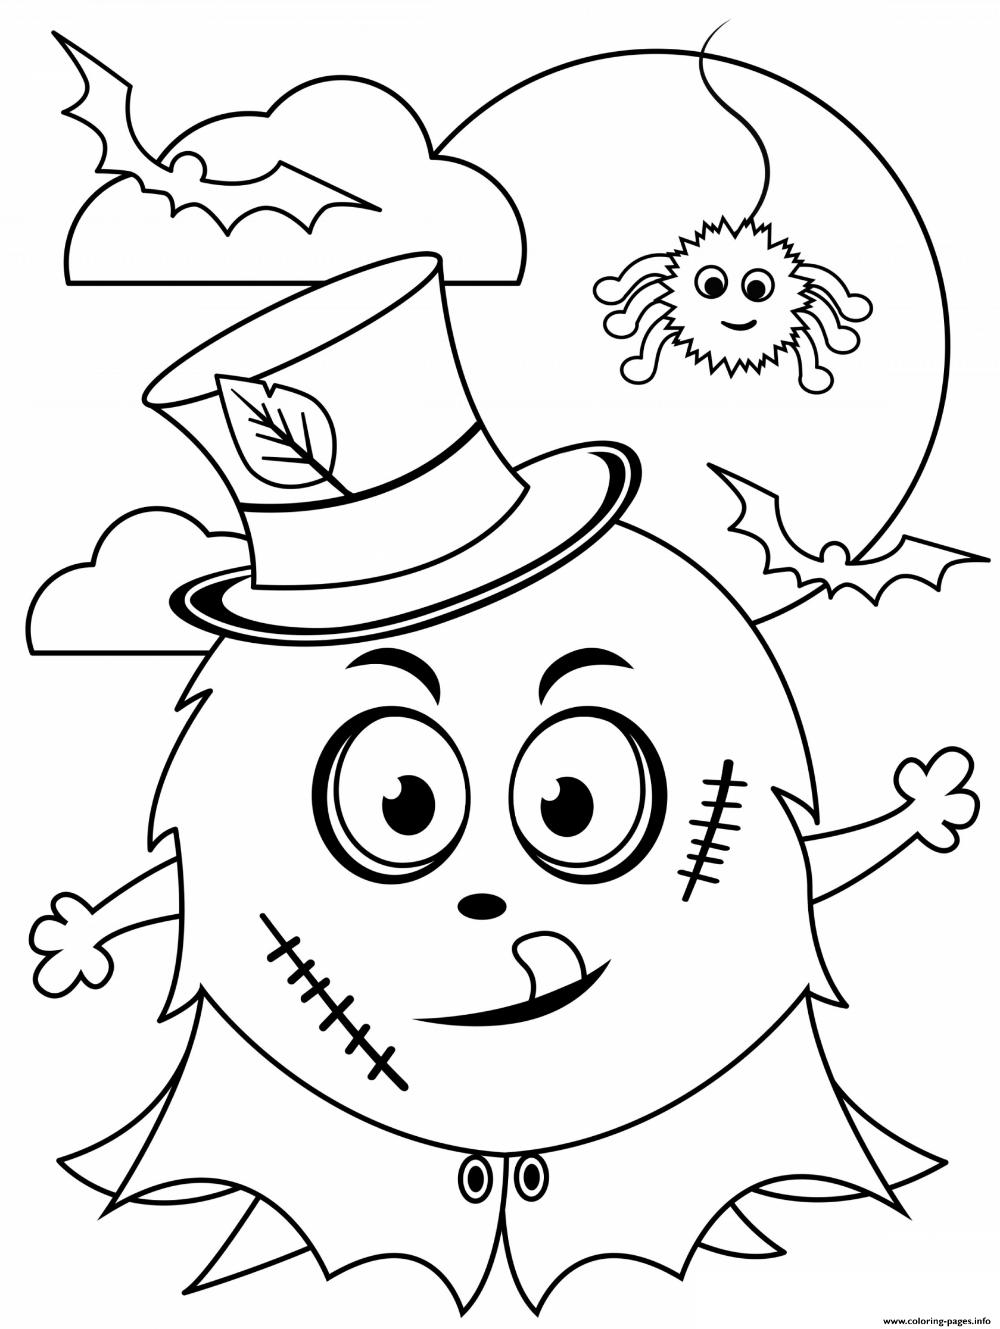 Print Halloween Monster Cute Kids Coloring Pages Monster Coloring Pages Free Halloween Coloring Pages Halloween Coloring Pages